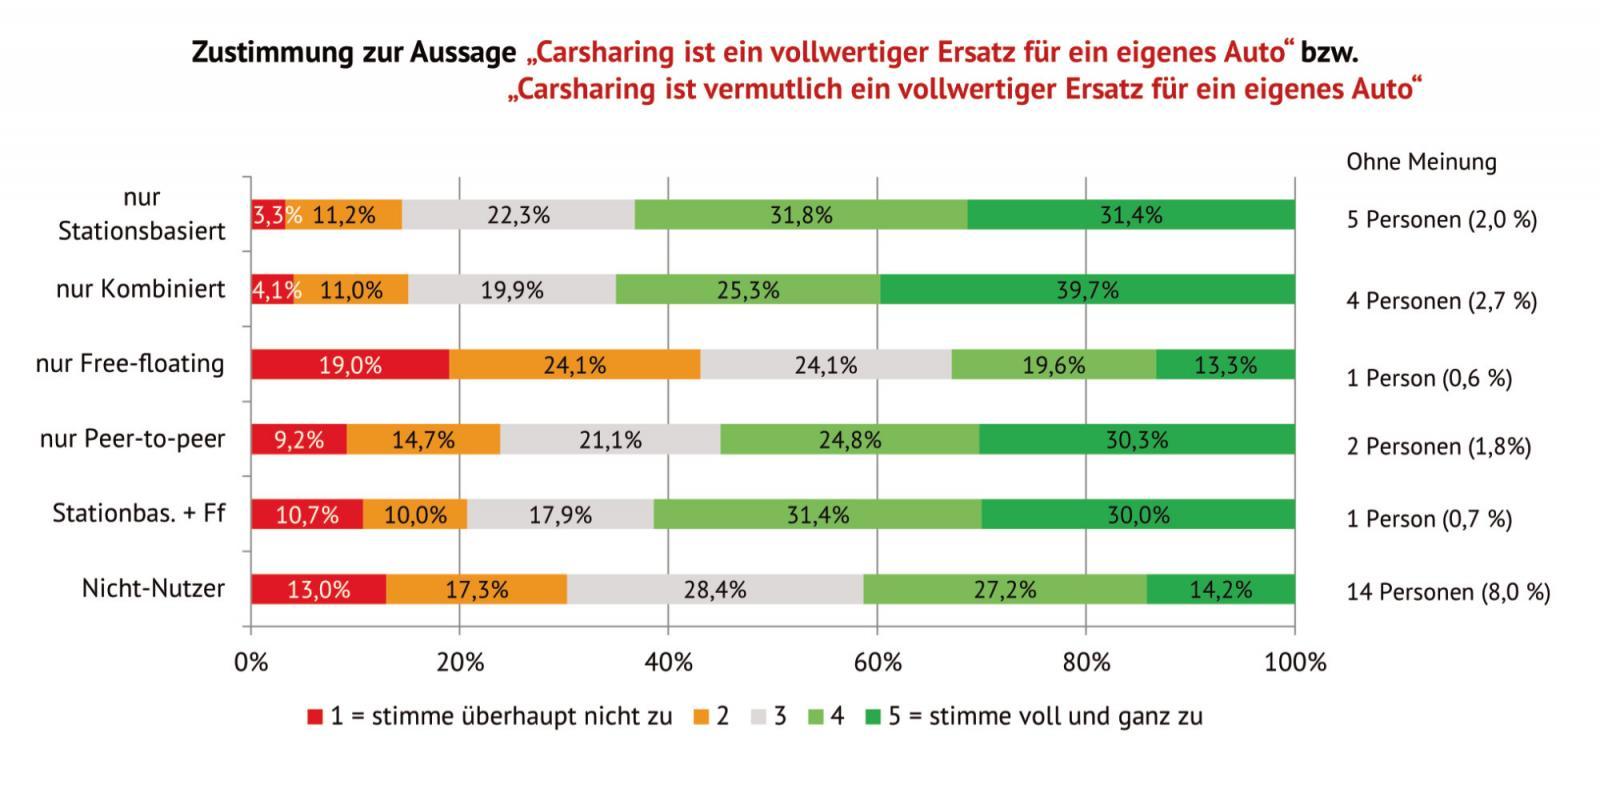 Nutzer stationsbasierter und kombinierter Systeme meinen: CarSharing ist ein vollwertiger Ersatz für ein eigenes Auto; Grafik: bcs